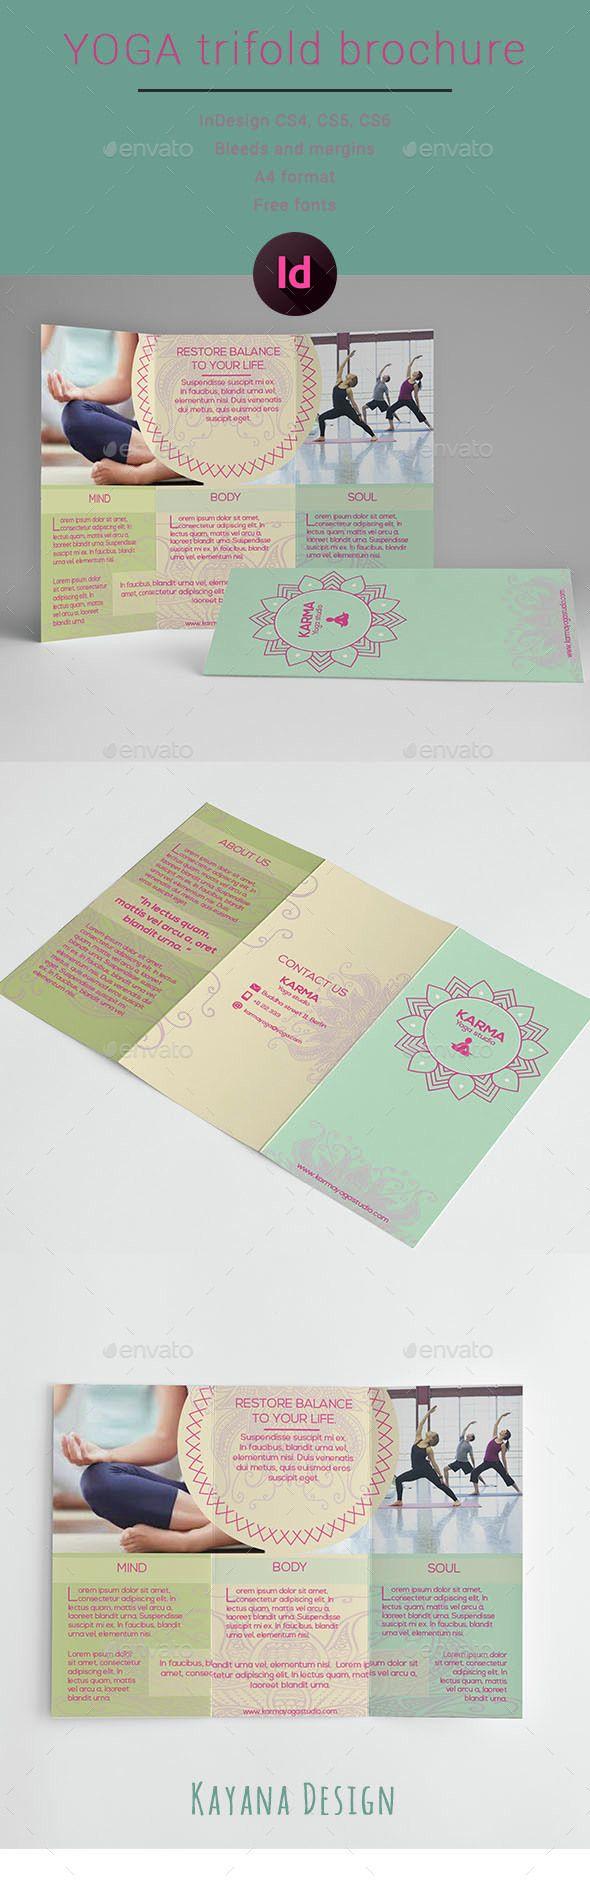 yoga brochure templates - best 25 yoga flyer ideas on pinterest flyer design